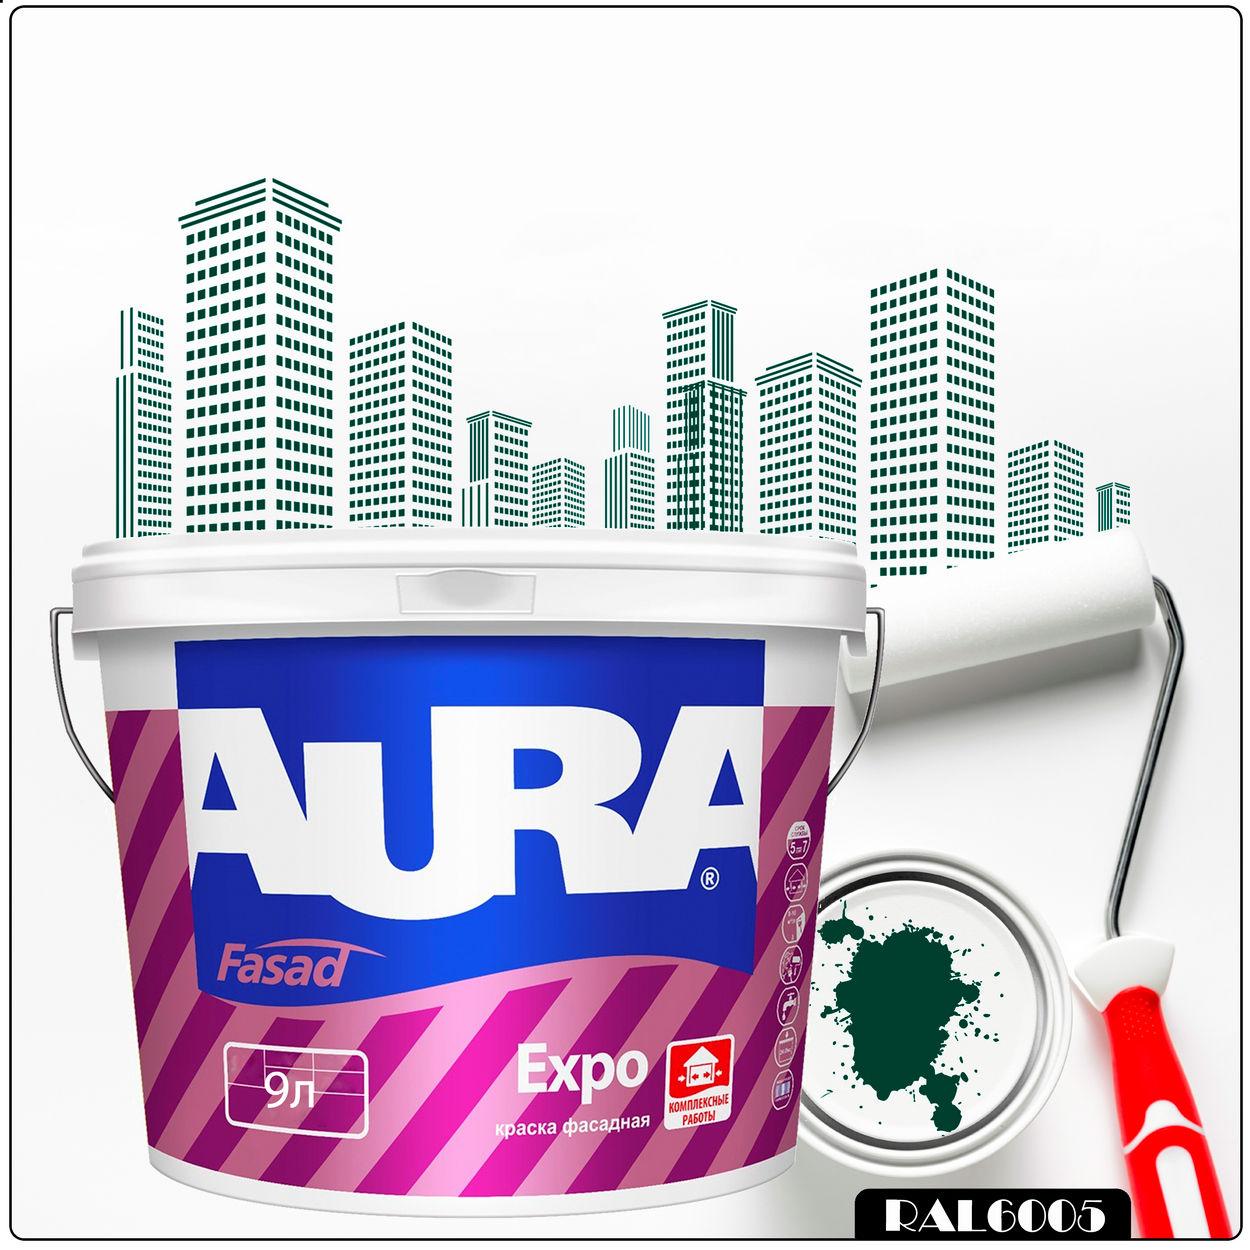 Фото 6 - Краска Aura Fasad Expo, RAL 6005 Зеленый мох, матовая, для фасадов и помещений с повышенной влажностью, 9л.